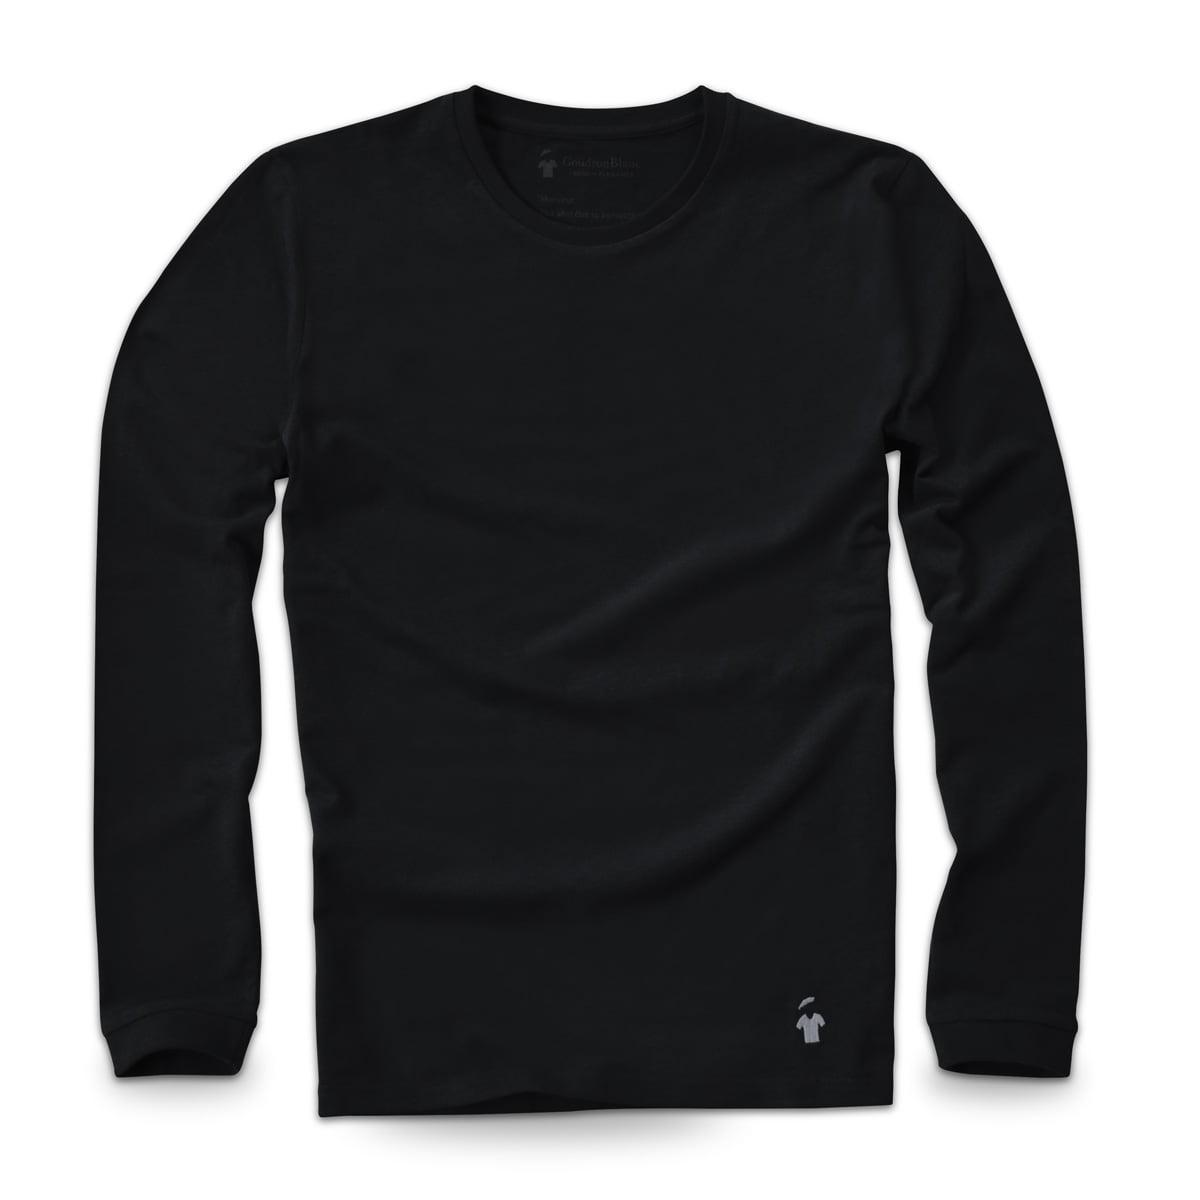 T-shirt manches longues noir carbone - Haute qualité - GoudronBlanc dbe5927b581